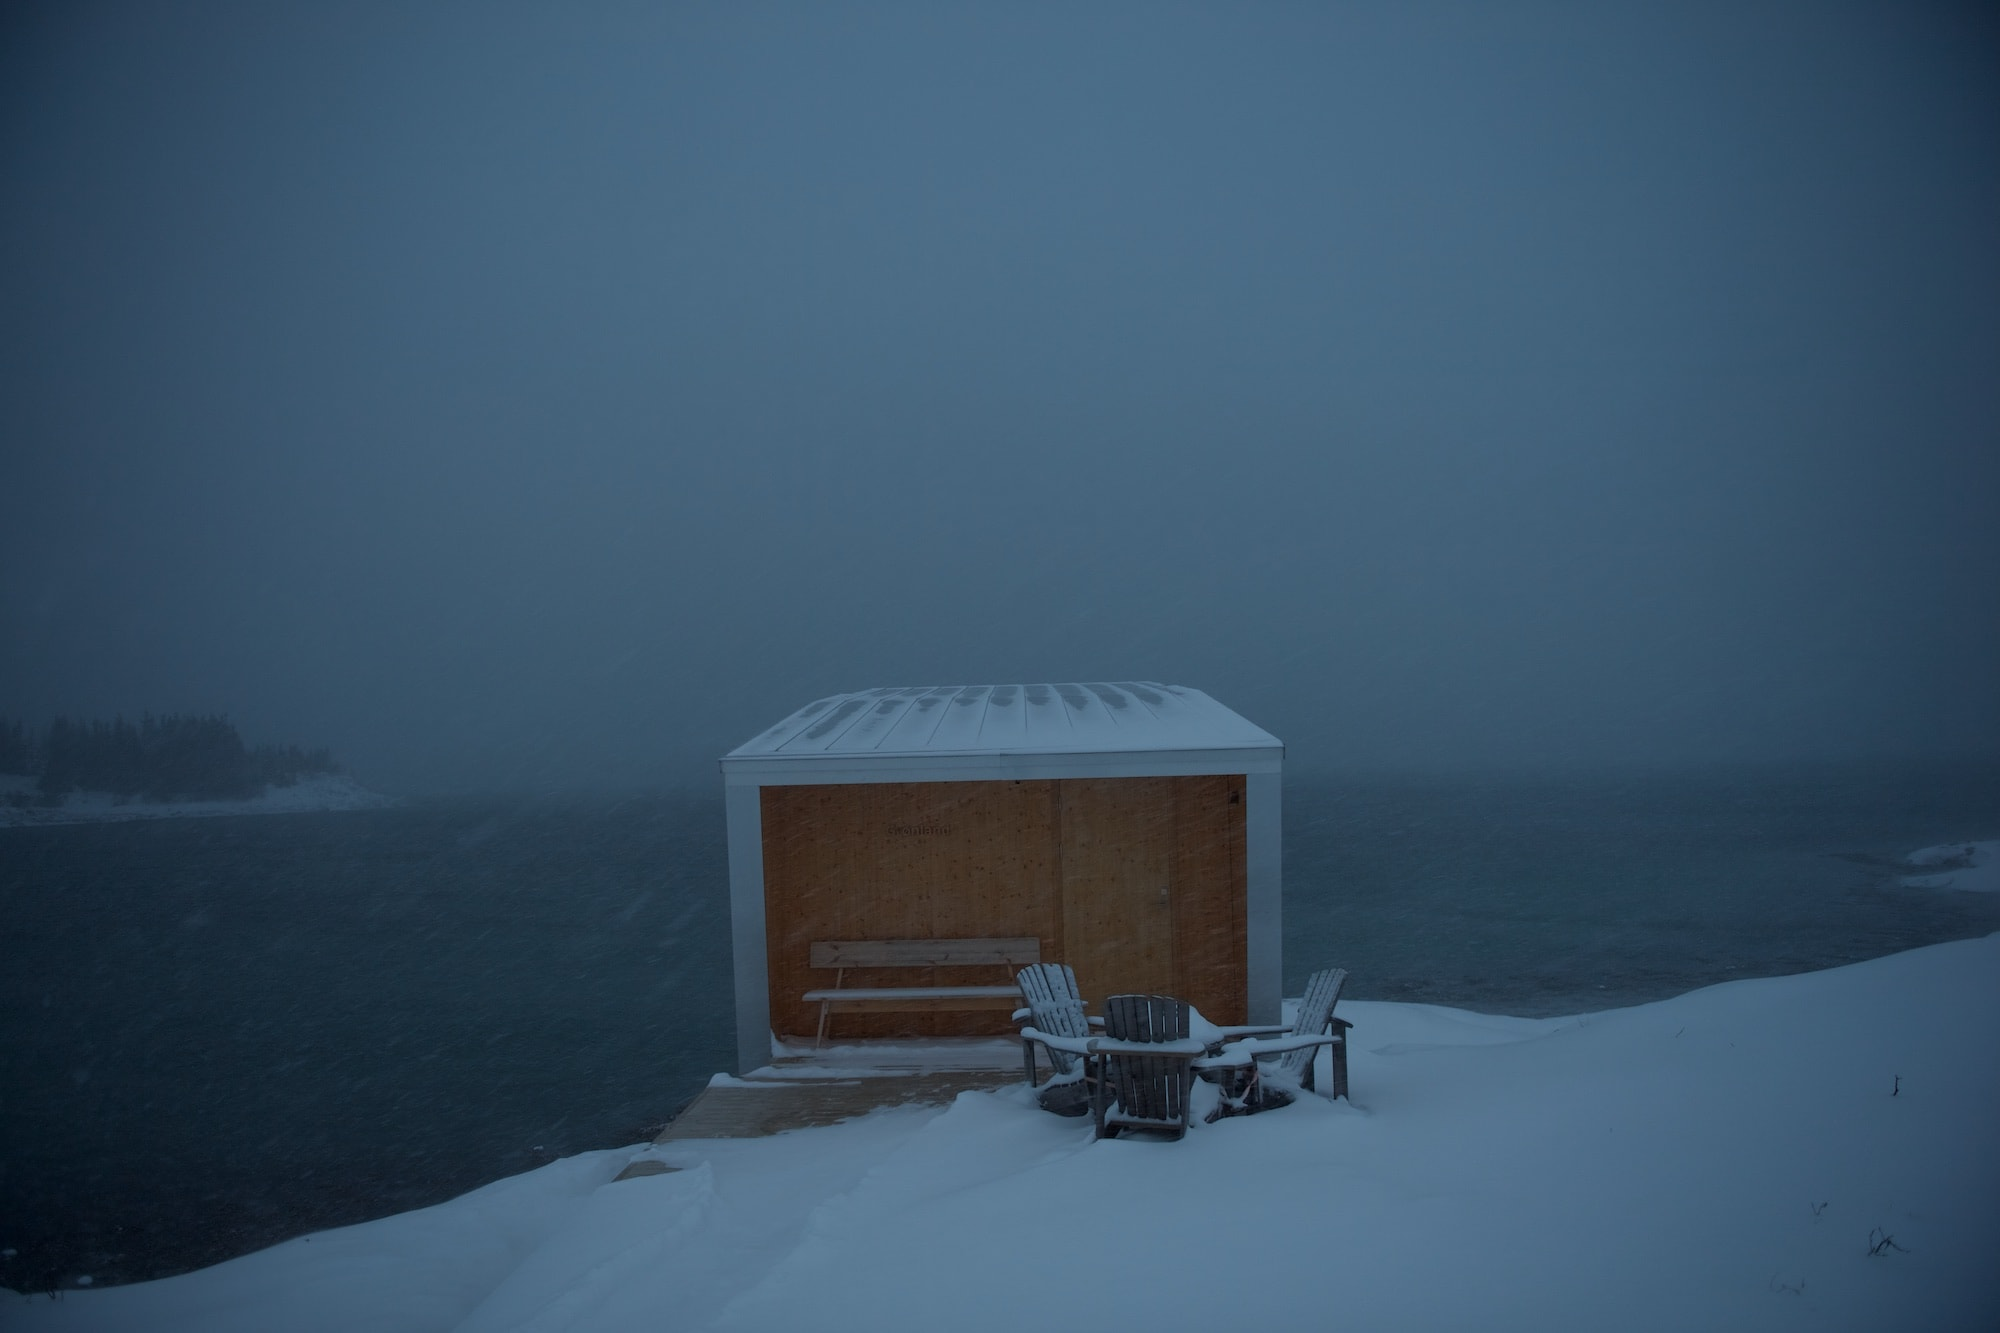 Johan Wildhagen – Polar explorer Børge Ousland + Porsche Magazine